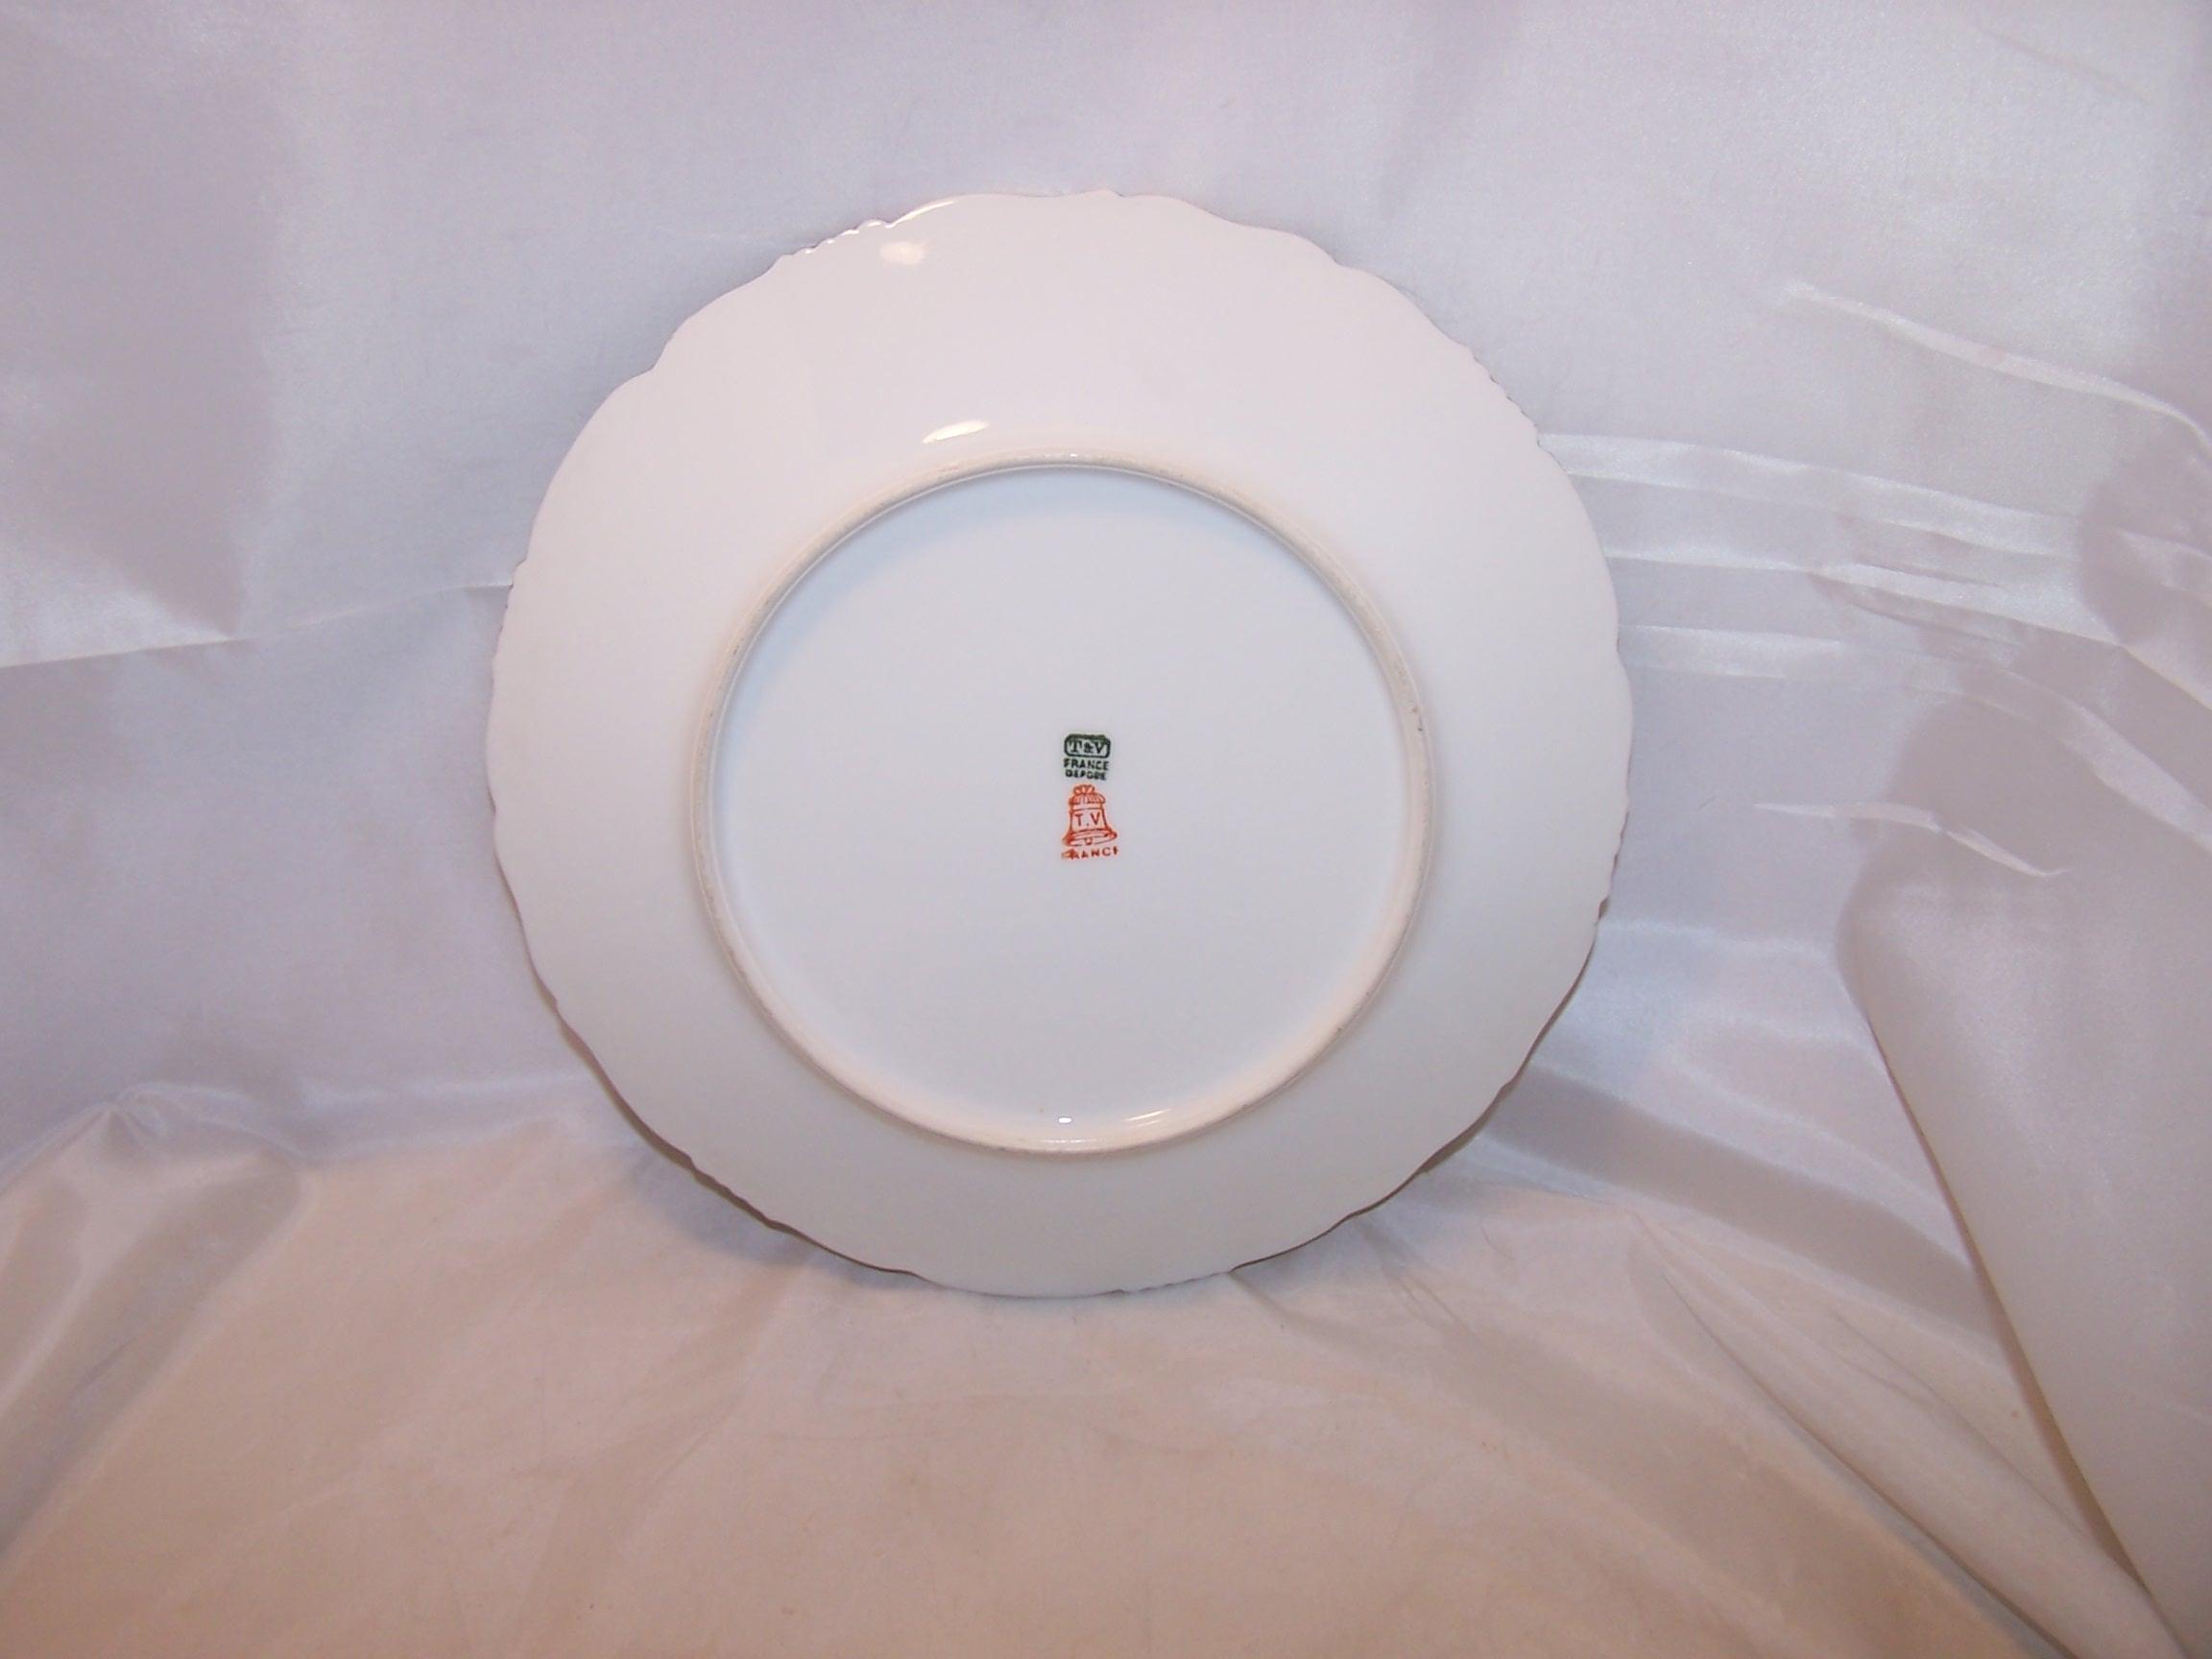 Image 1 of T&V Tressemanes & Vogt Depose Mistletoe Plate, France